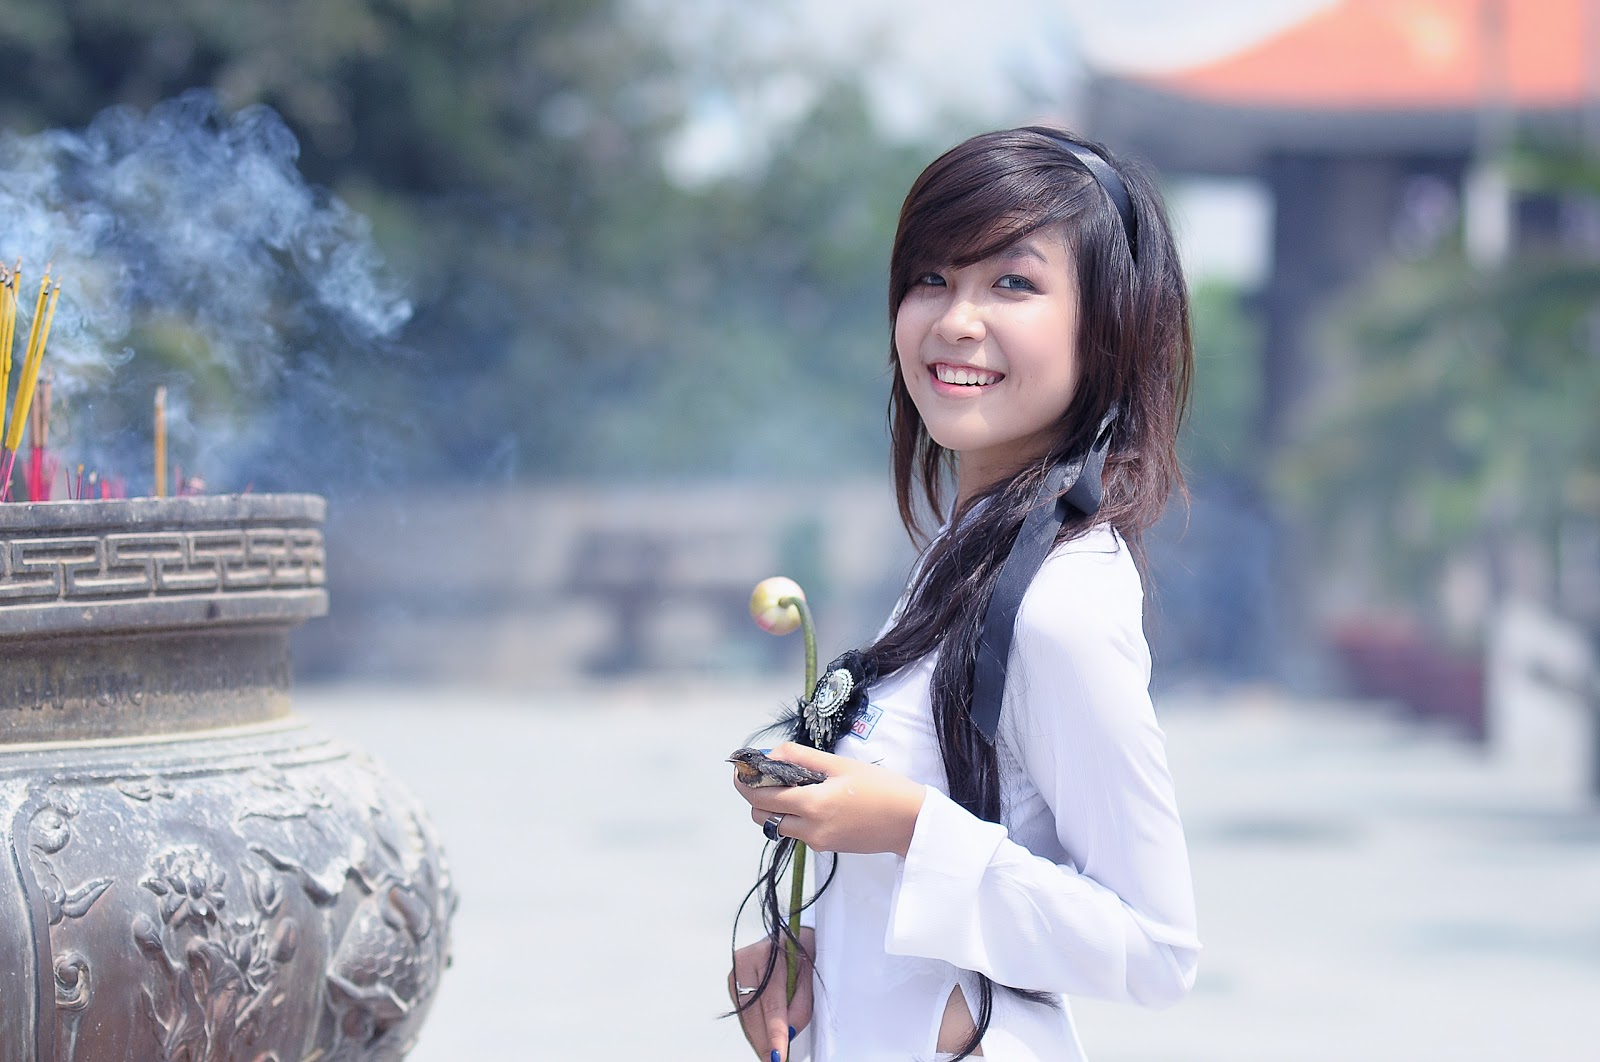 白い服を着て立っている笑顔の少女